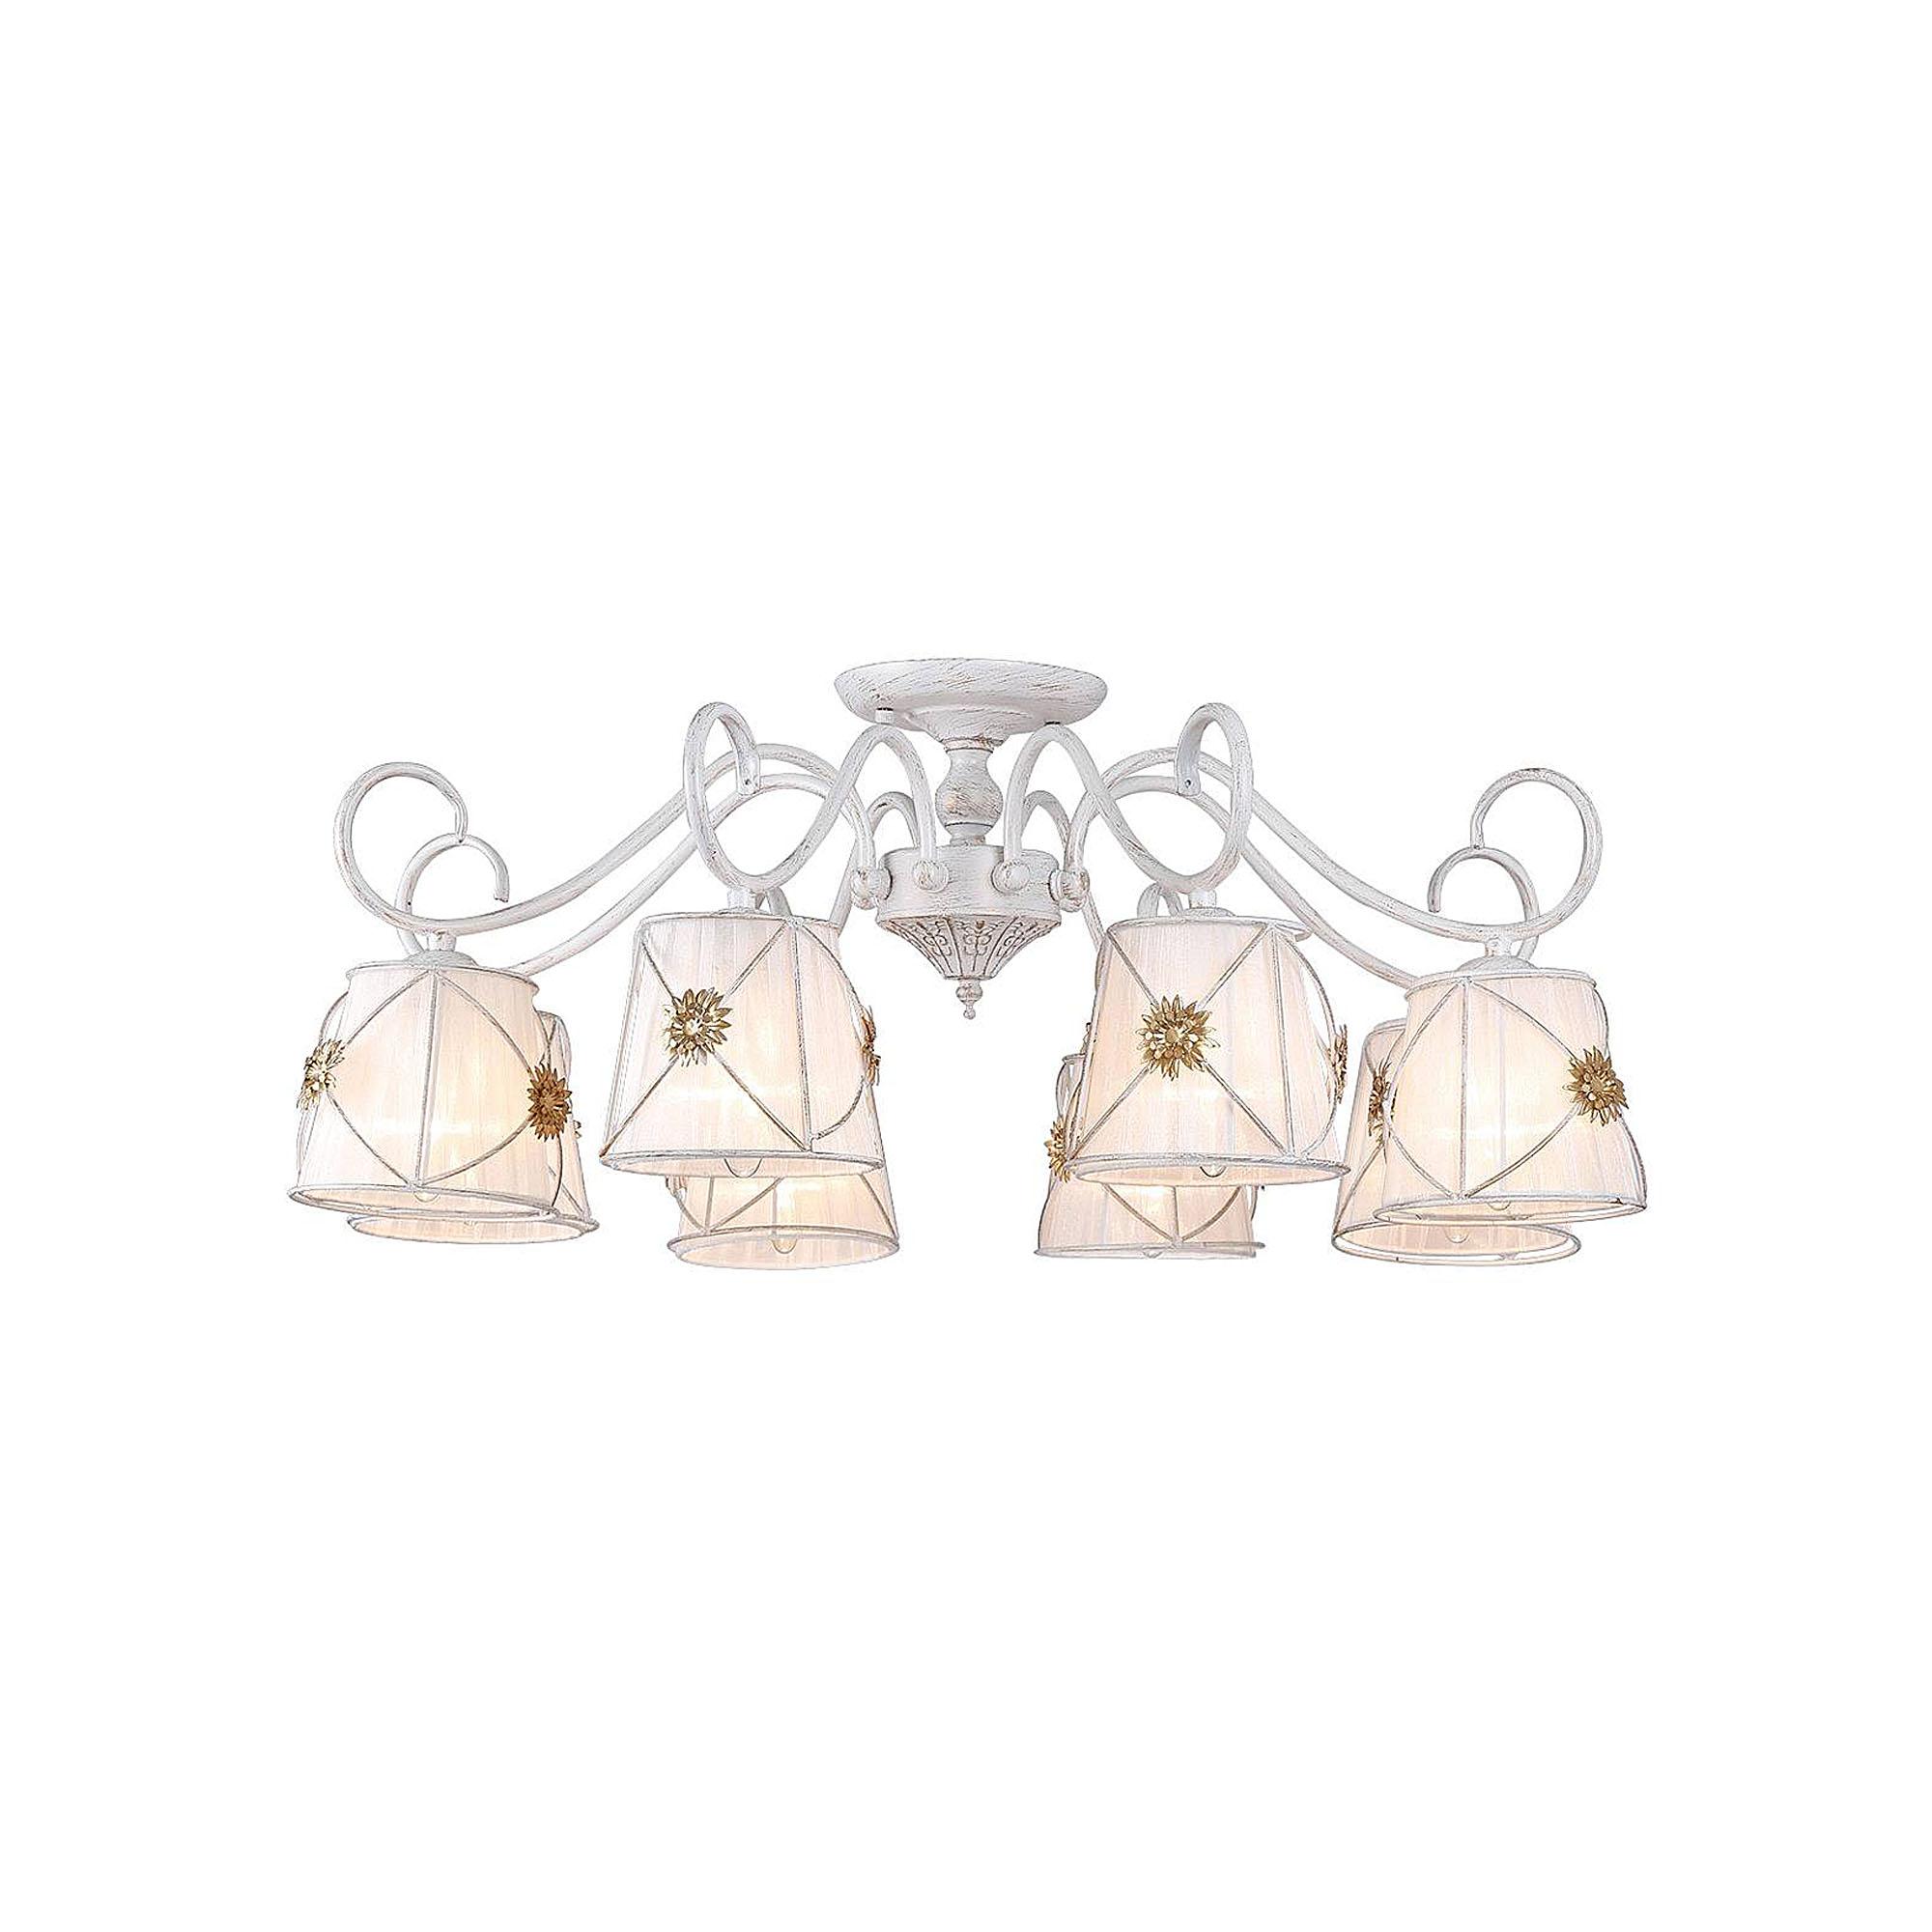 Фото - Люстра потолочная Arte Lamp A5495PL-8WG люстра потолочная arte lamp gelo a6001pl 9bk